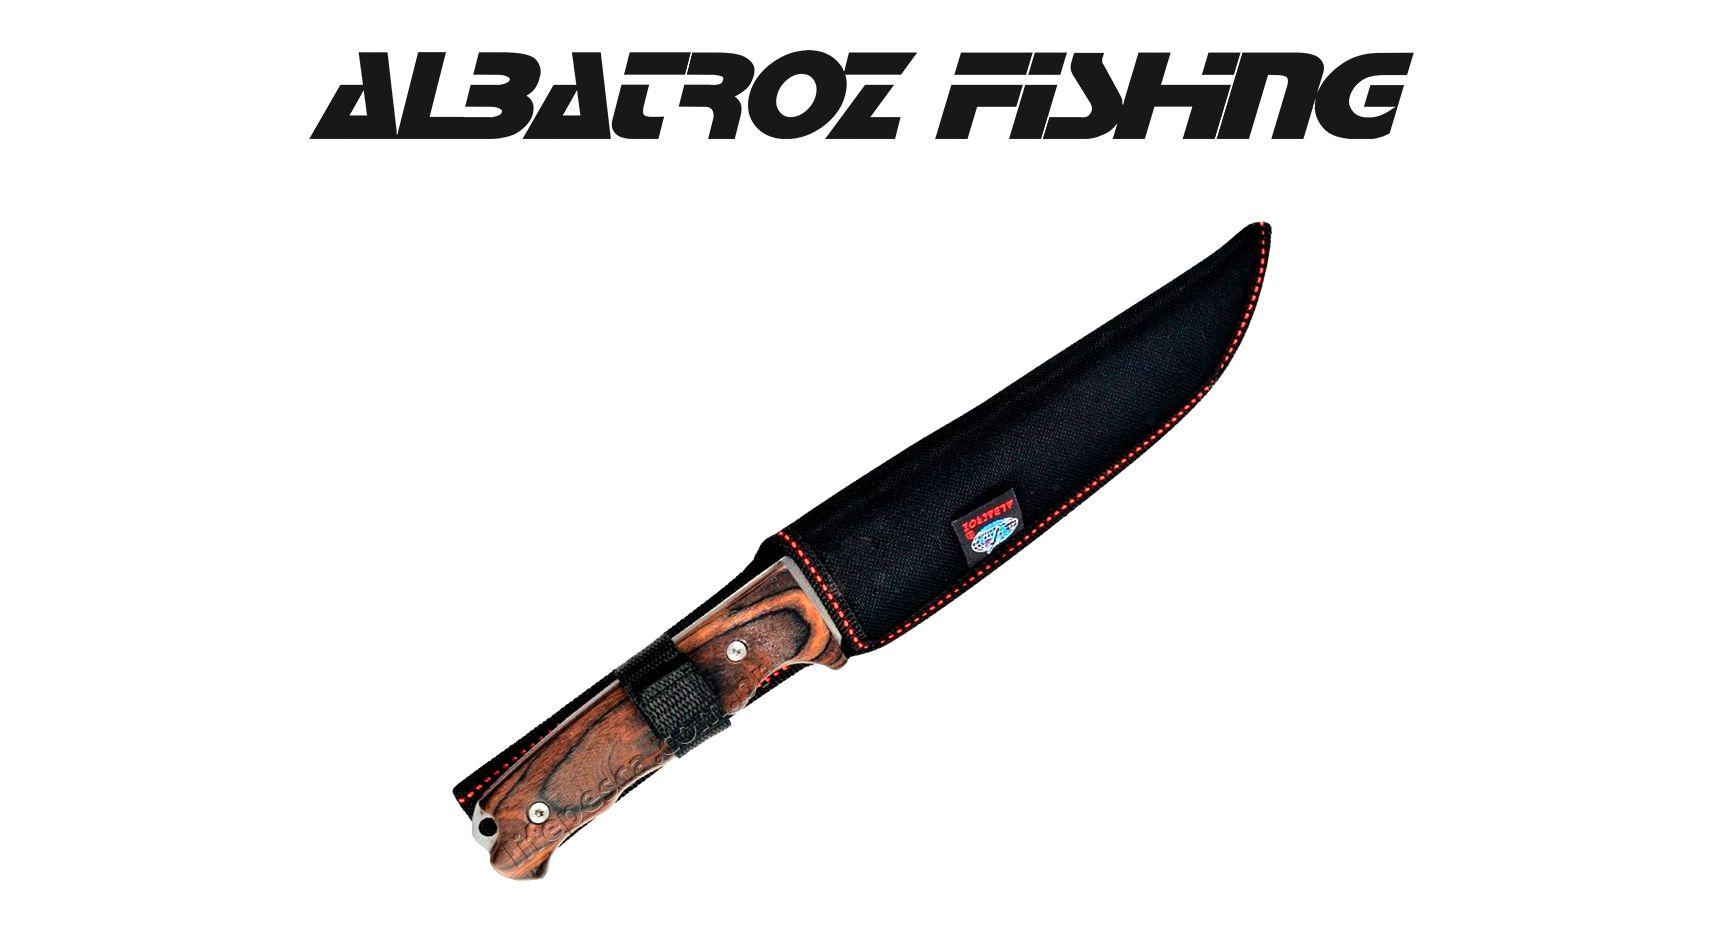 Faca K107 Albatroz Fishing - Cabo Madeira  - Life Pesca - Sua loja de Pesca, Camping e Lazer